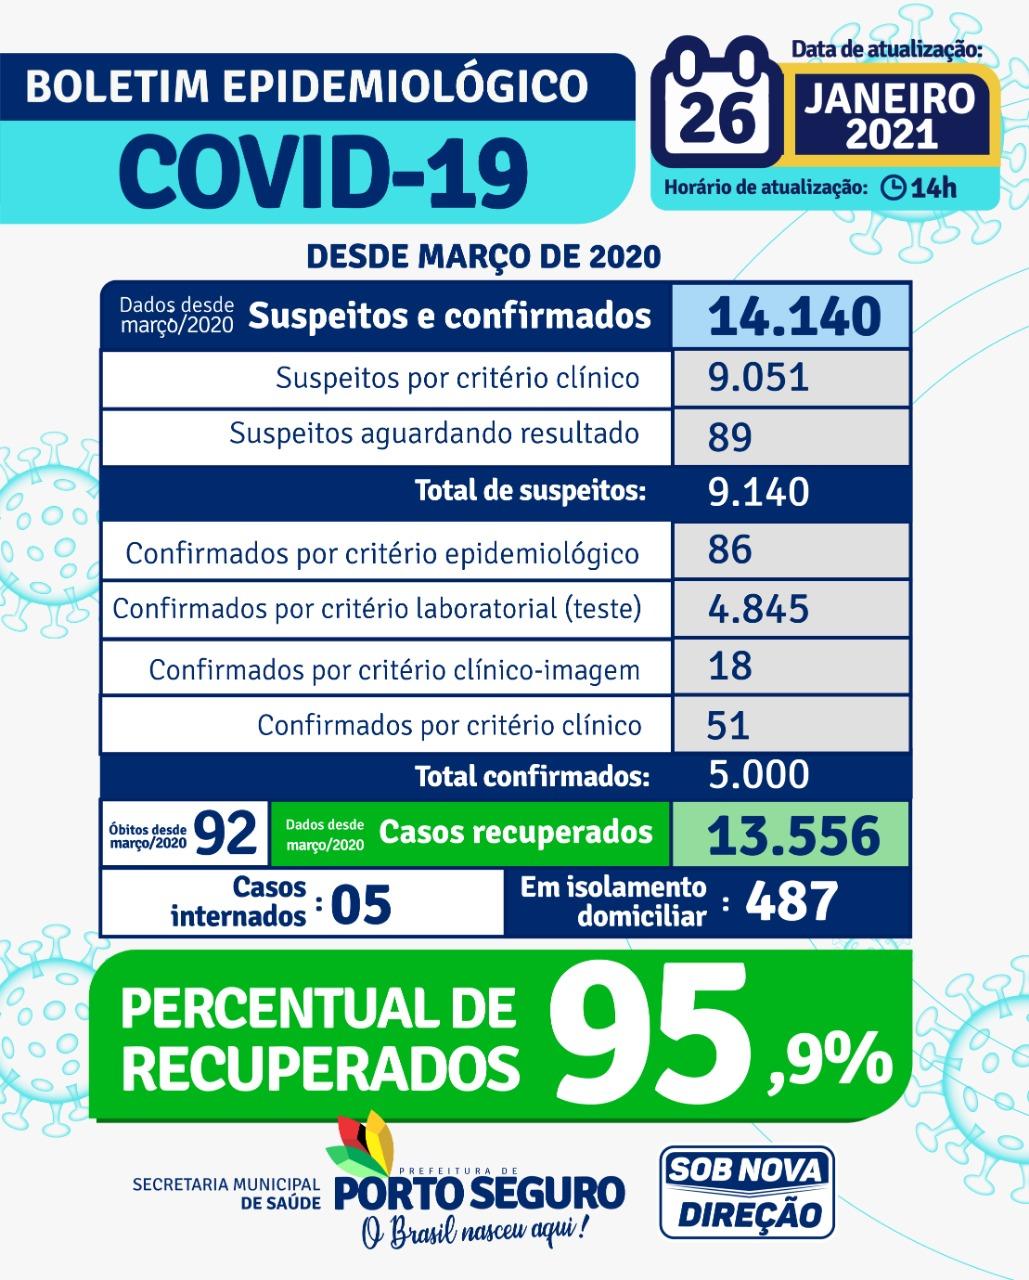 Porto Seguro: Boletim Epidemiológico Coronavírus (Terça-feira) 26/01 25